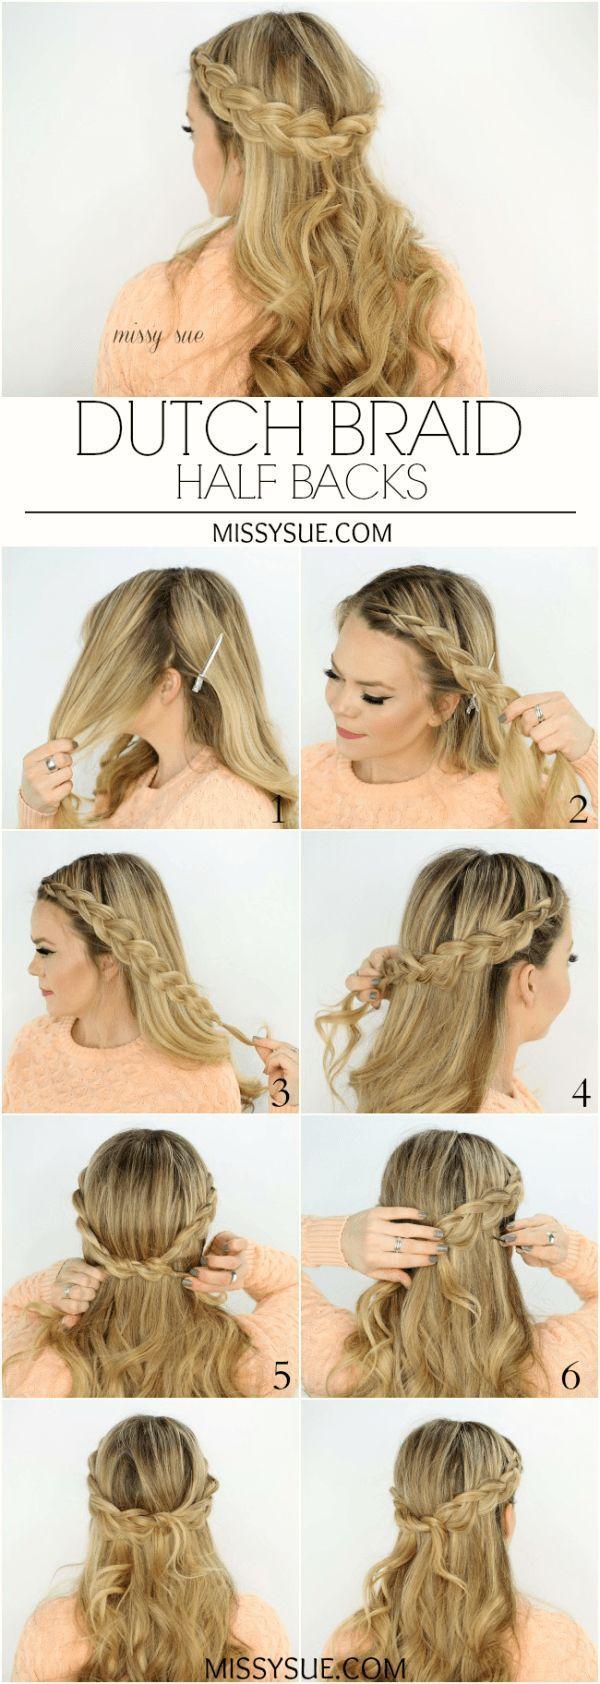 dutch braid half backs | frisuren flechten | ヘアスタイル, 髪型